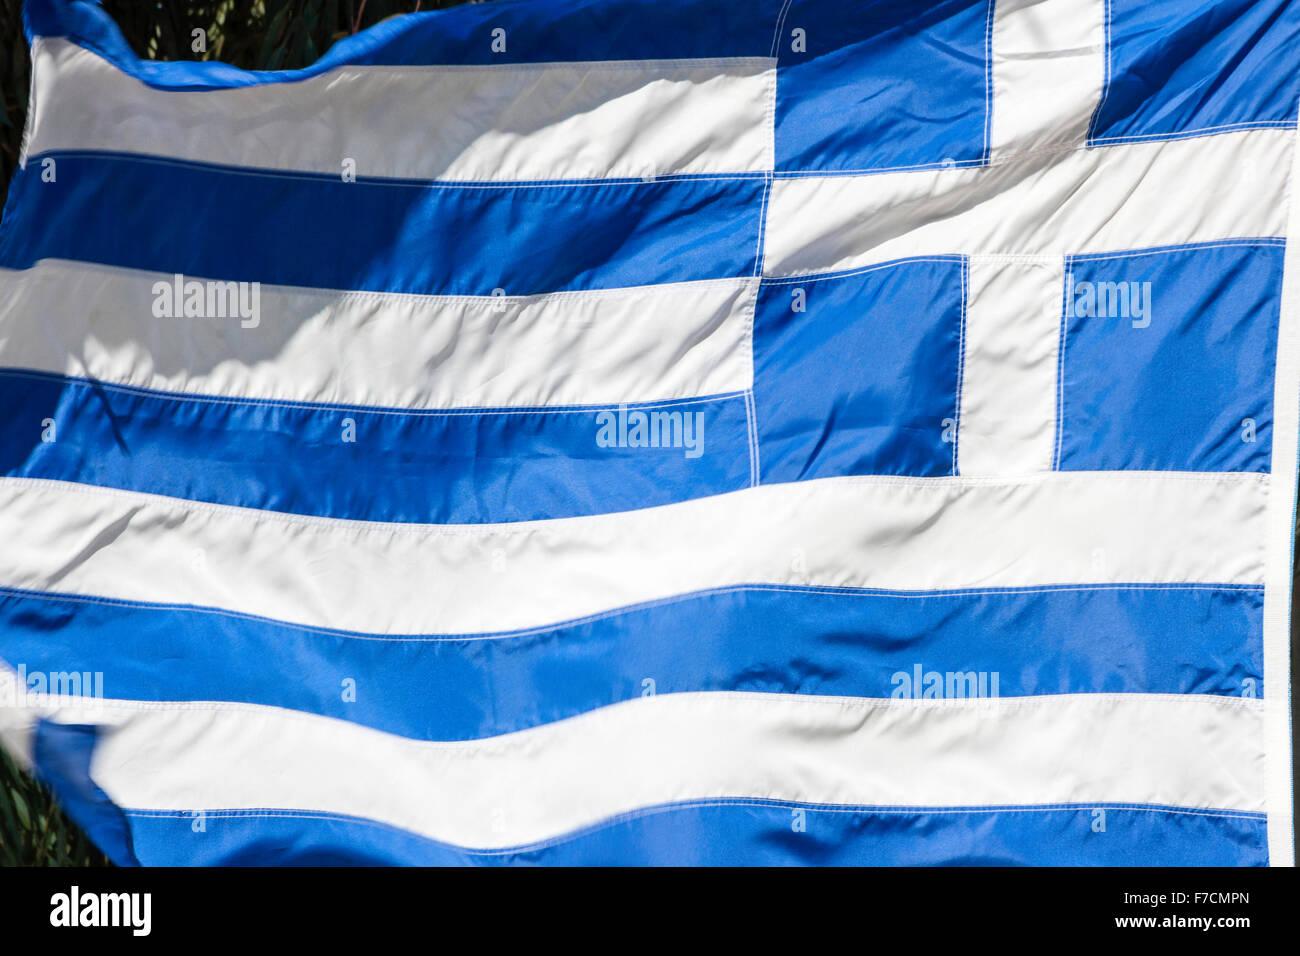 Griechische Flagge, blau und weiß, flattern im Wind, Nahaufnahme ...